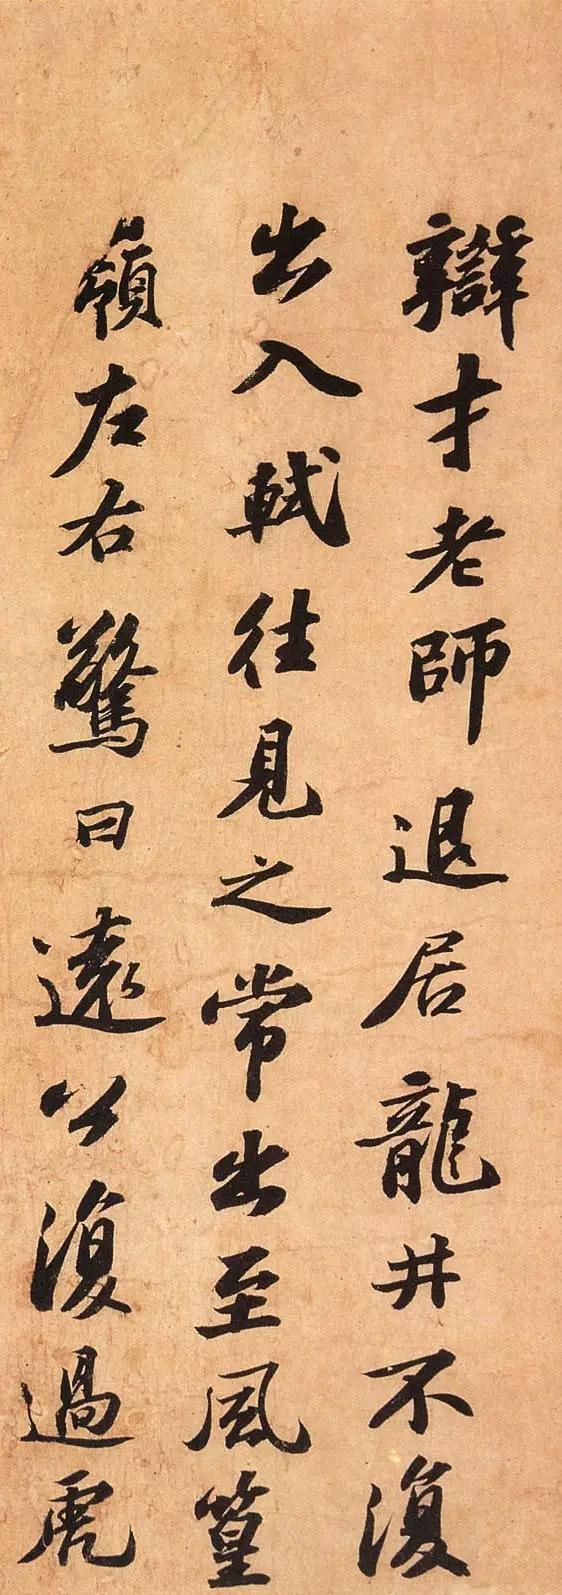 苏轼手札全集,我书意造本无法!